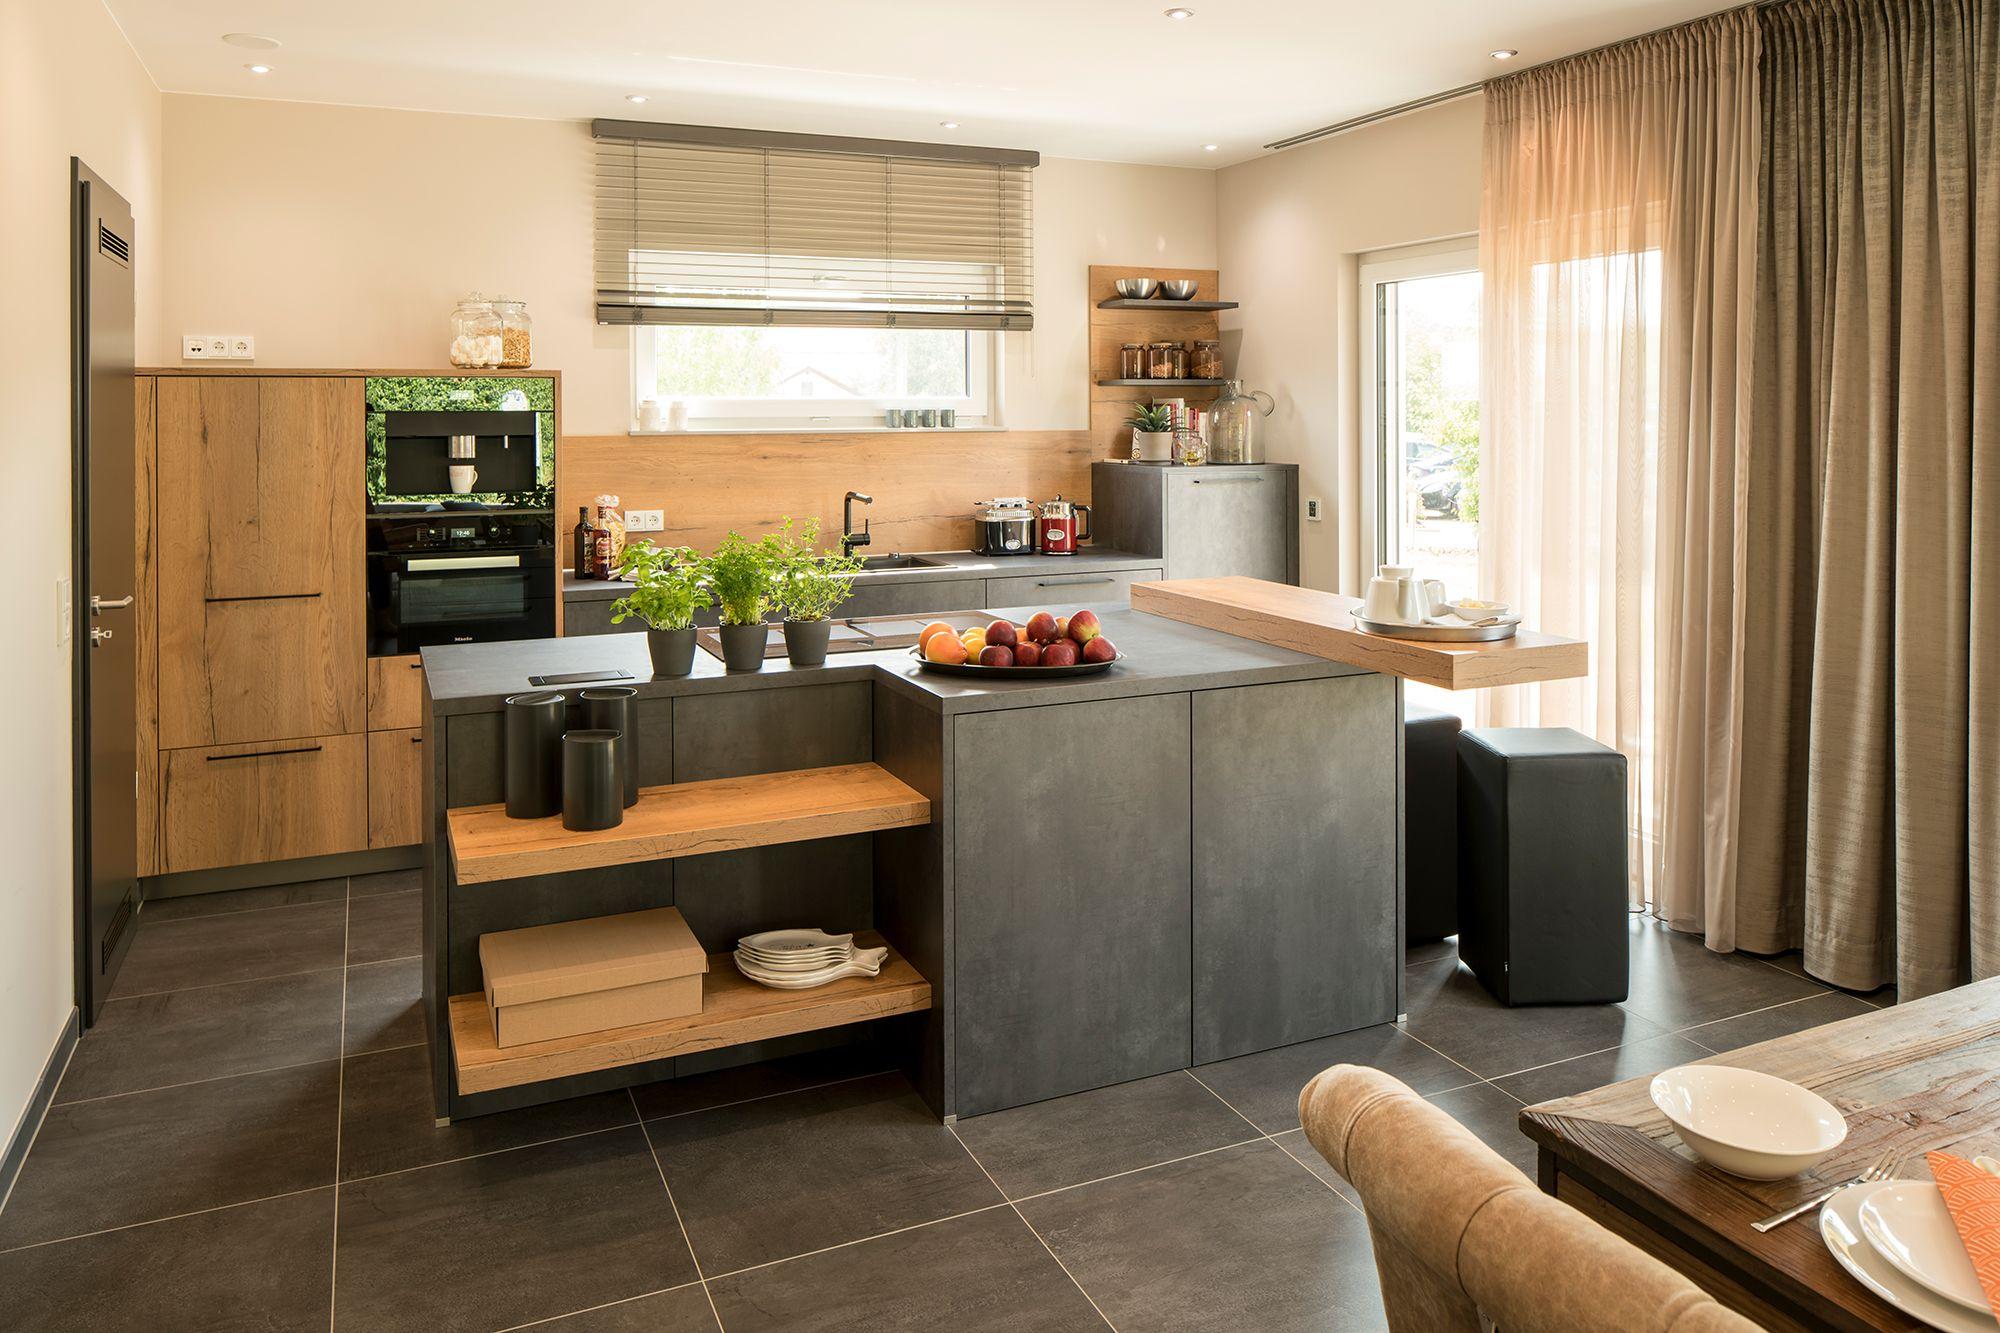 Wohnideen Kuche Mit Grauen Fliesen Grau Braune Einrichtung Und Bodentiefe Fenster Mit Bildern Haus Kuchen Haustechnik Fingerhaus